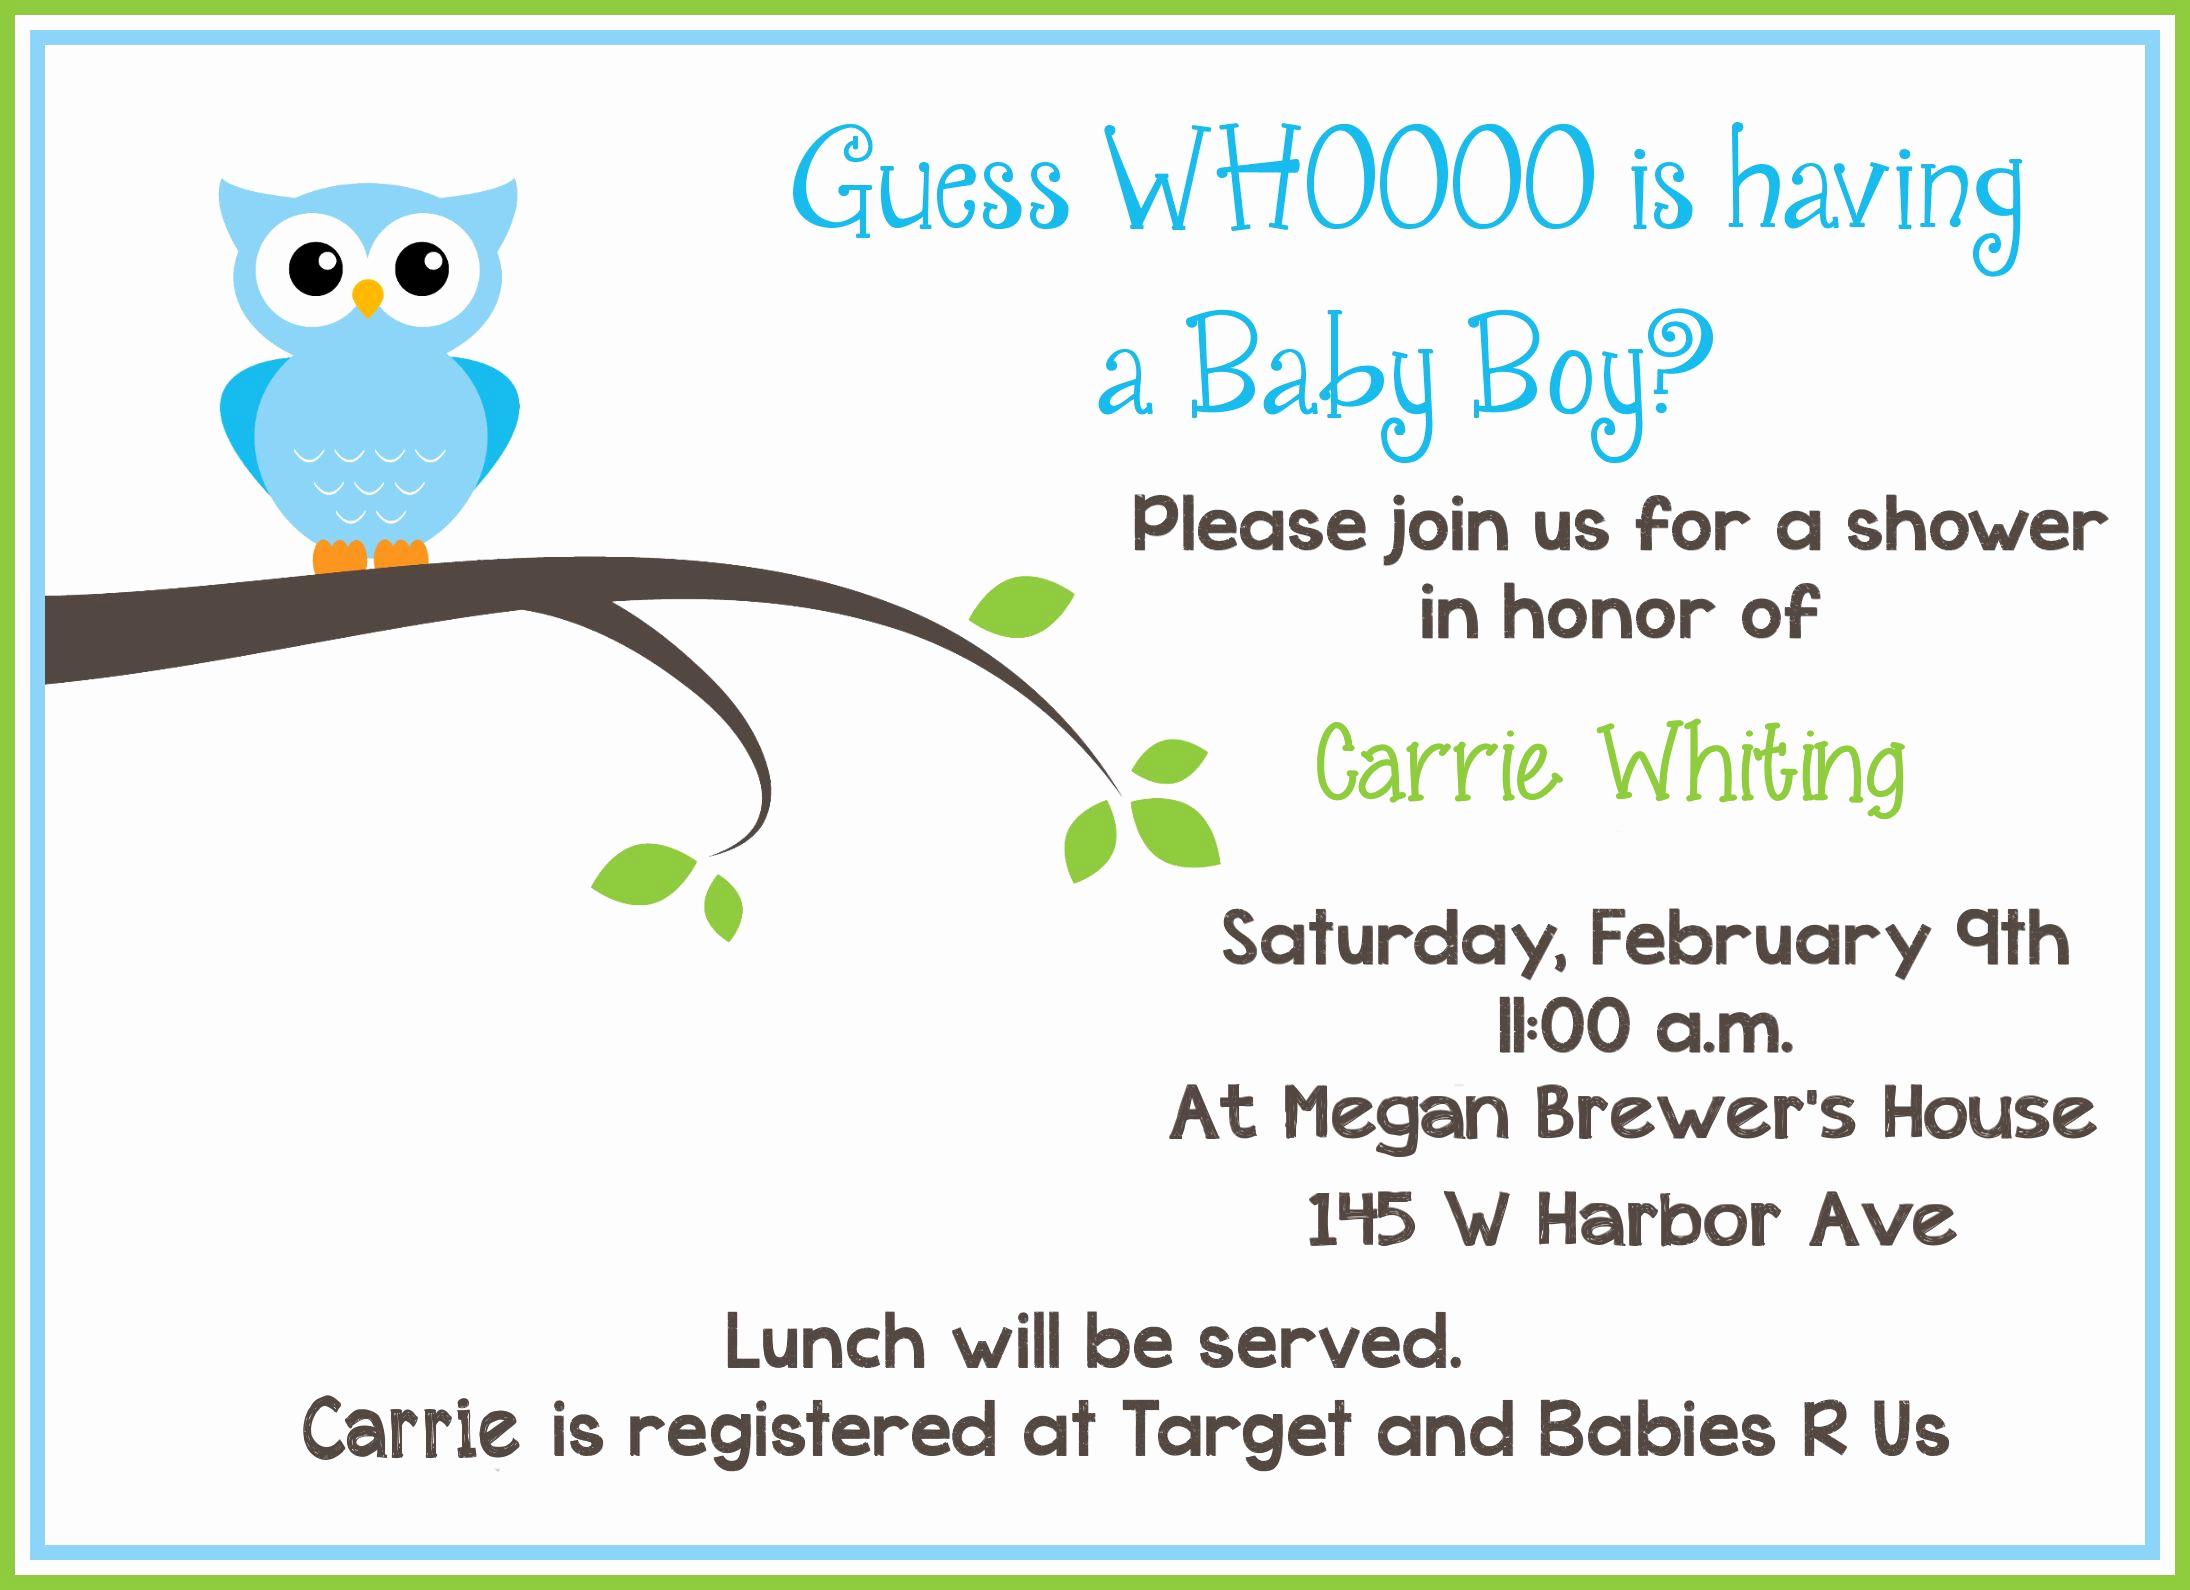 Baby Boy Shower Invitation Wording Elegant Free Printable Owl Baby Shower Invitations